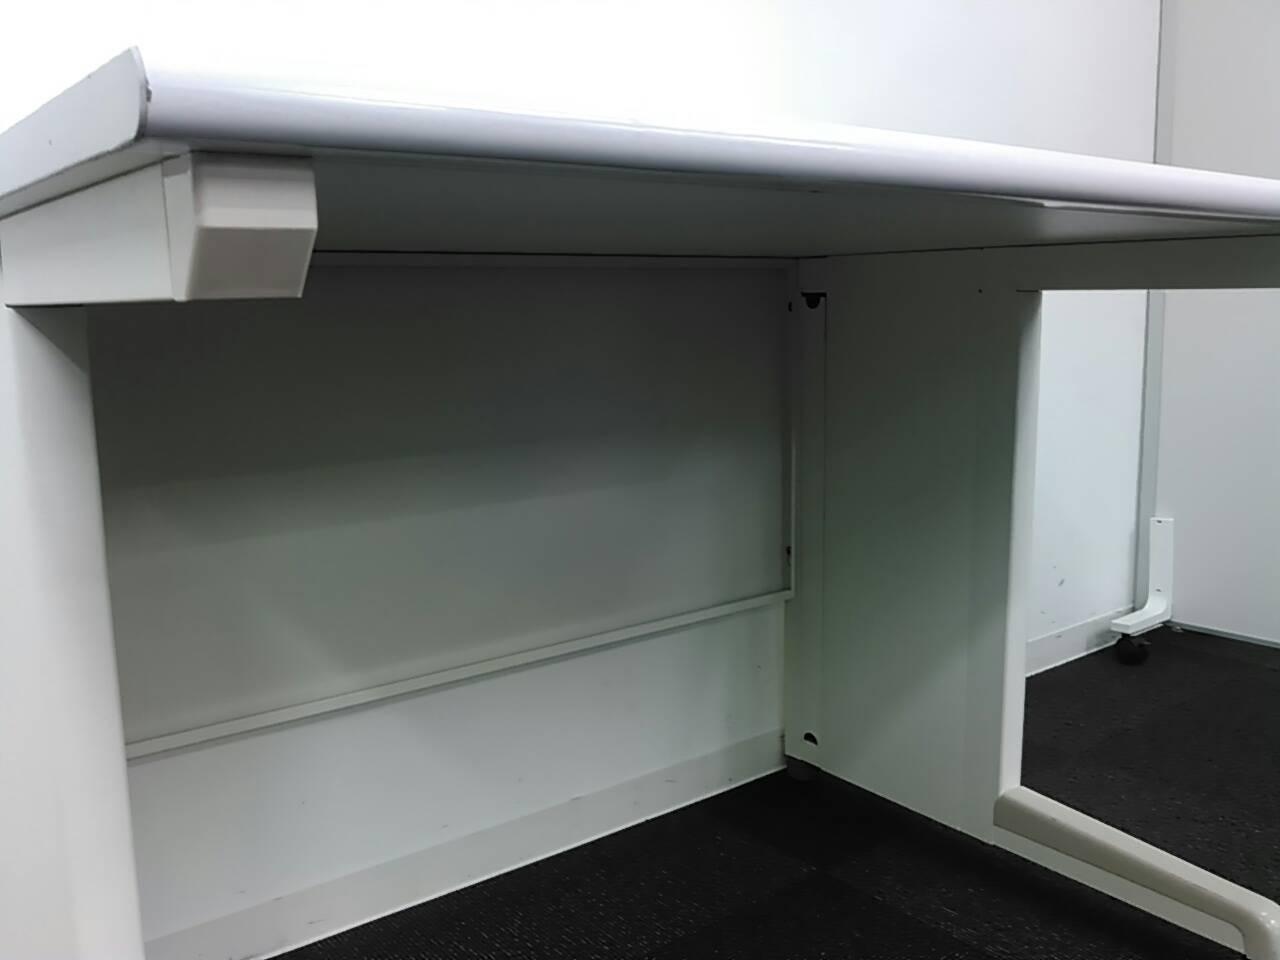 オフィスバスターズのオリジナル商品を作っちゃいました! 1200mm平机・センター引き出しなし